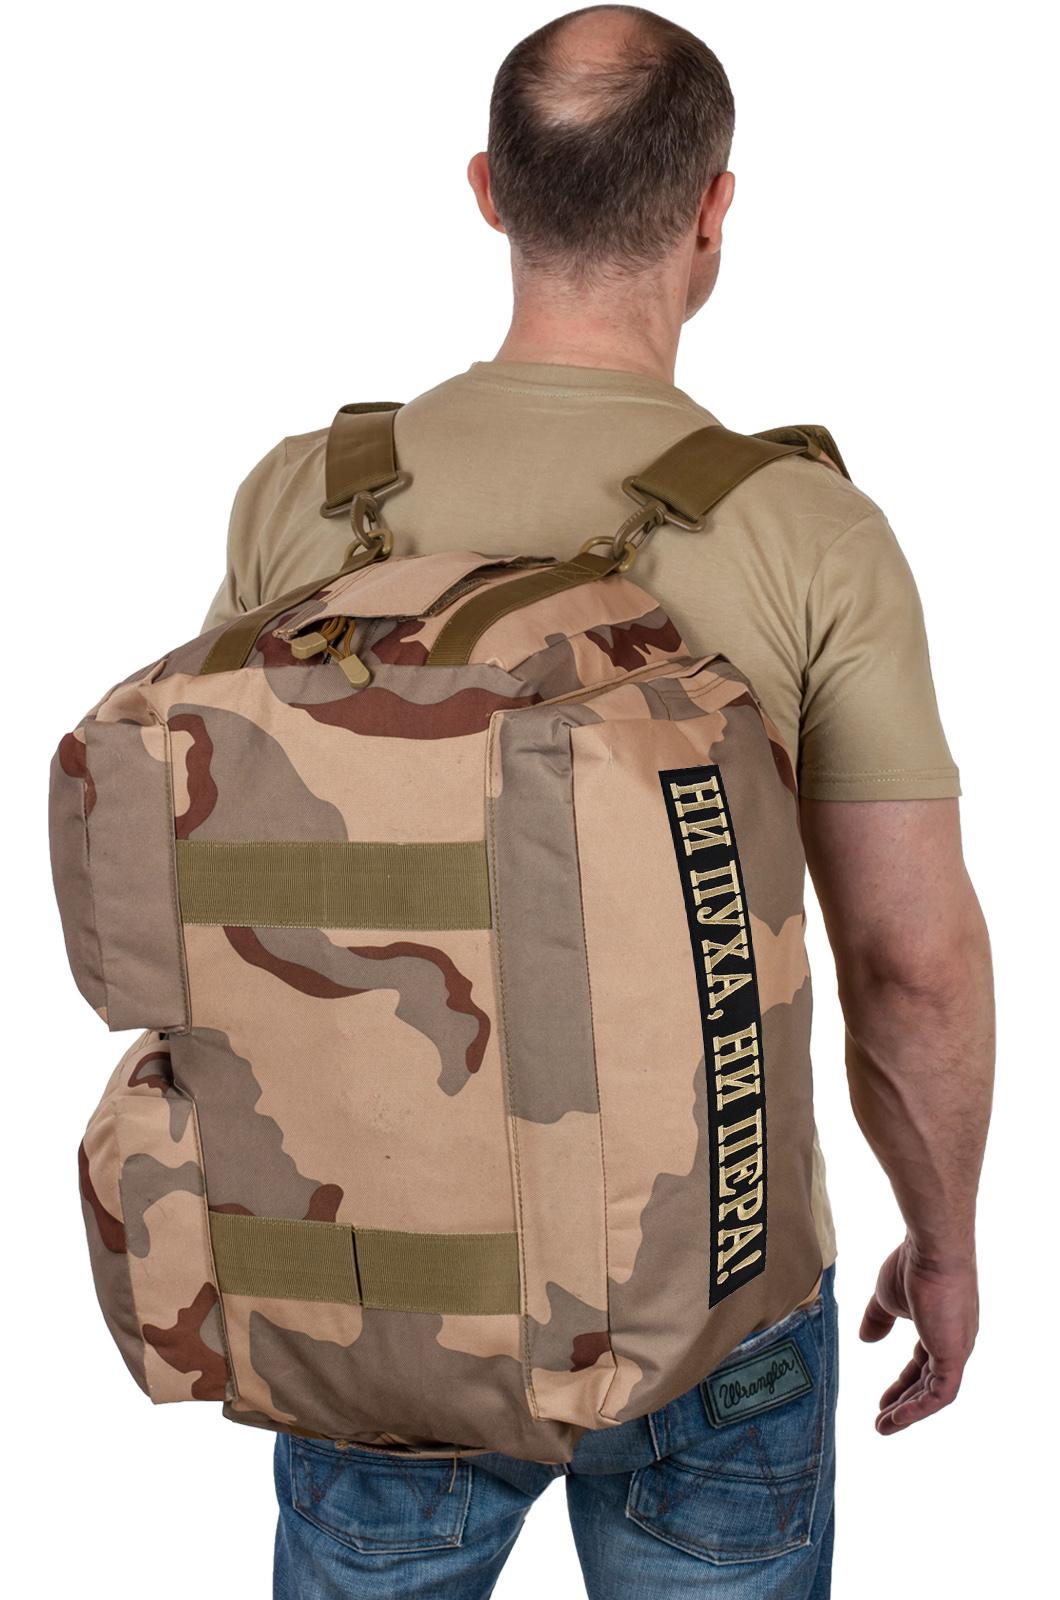 Купить дорожную камуфляжную сумку Ни пуха, Ни пера по выгодной цене